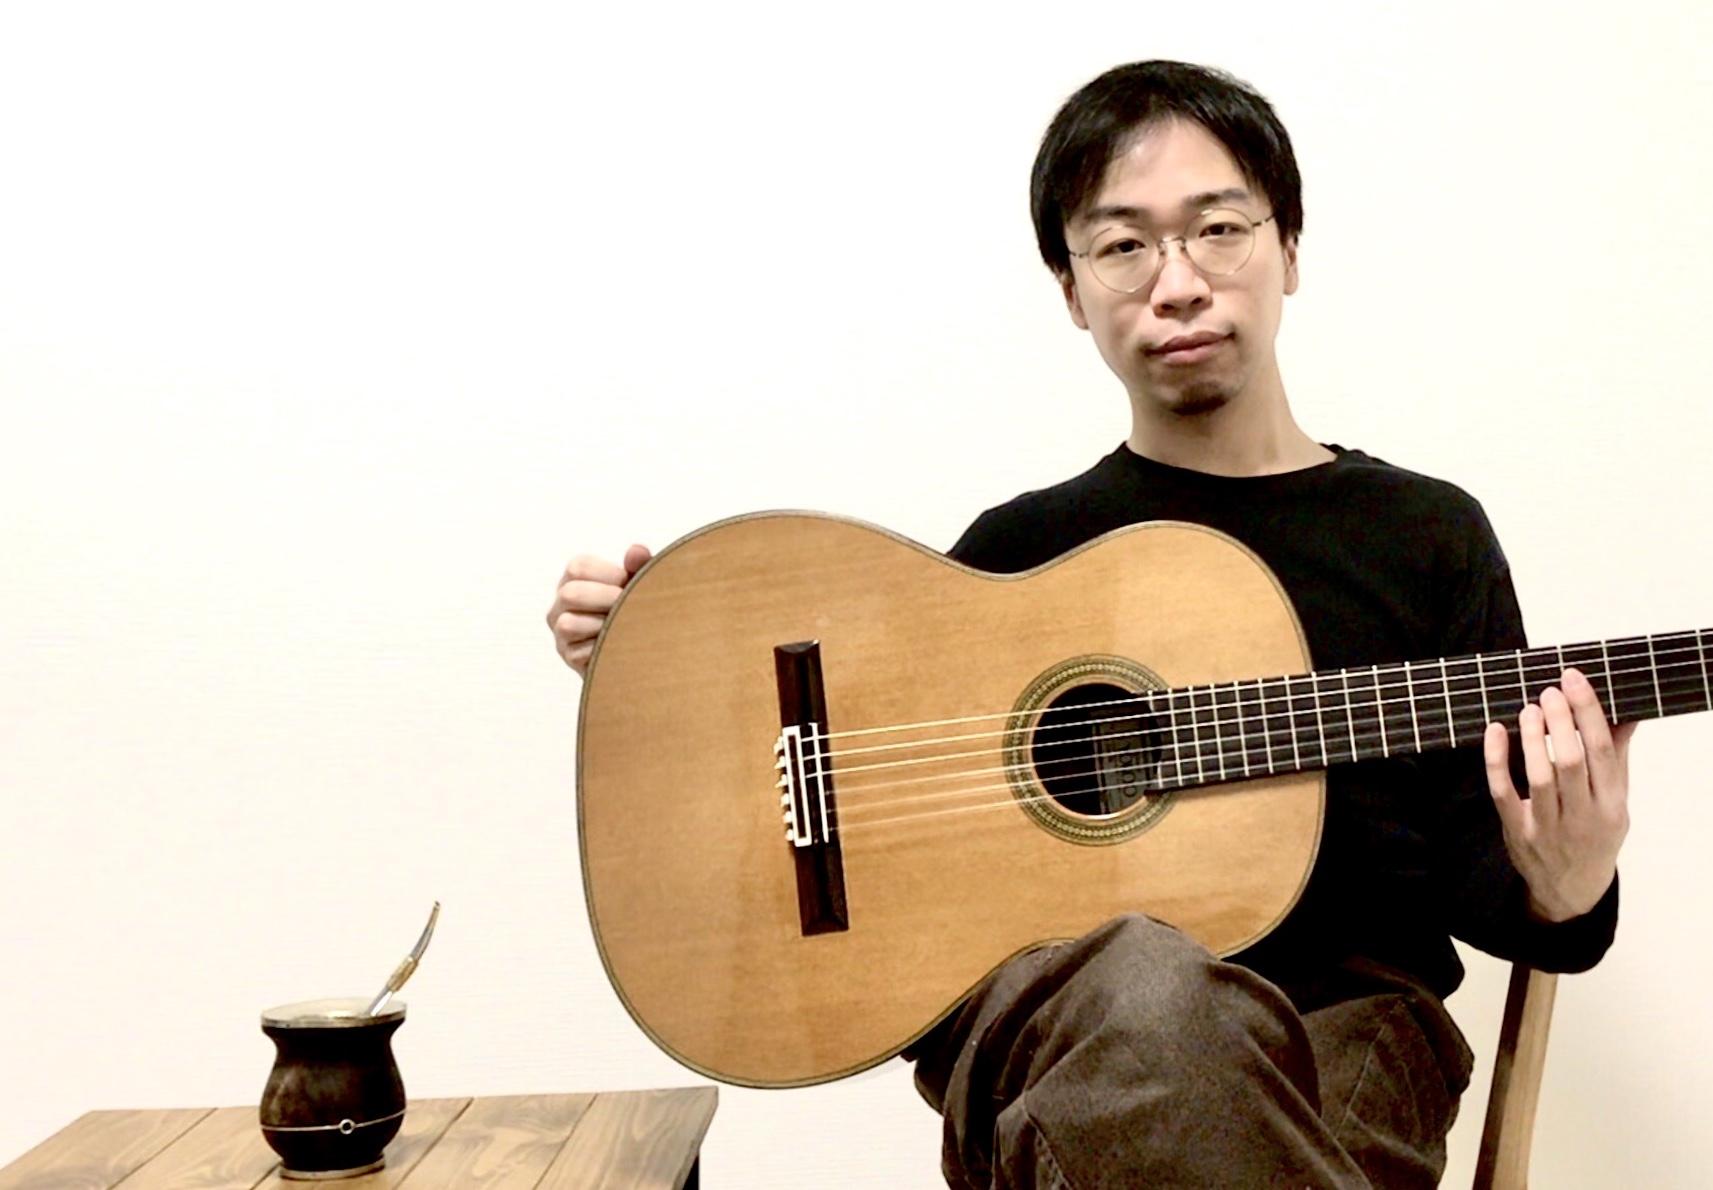 カサメミュージックスクールギター科講師、清水悠先生の写真